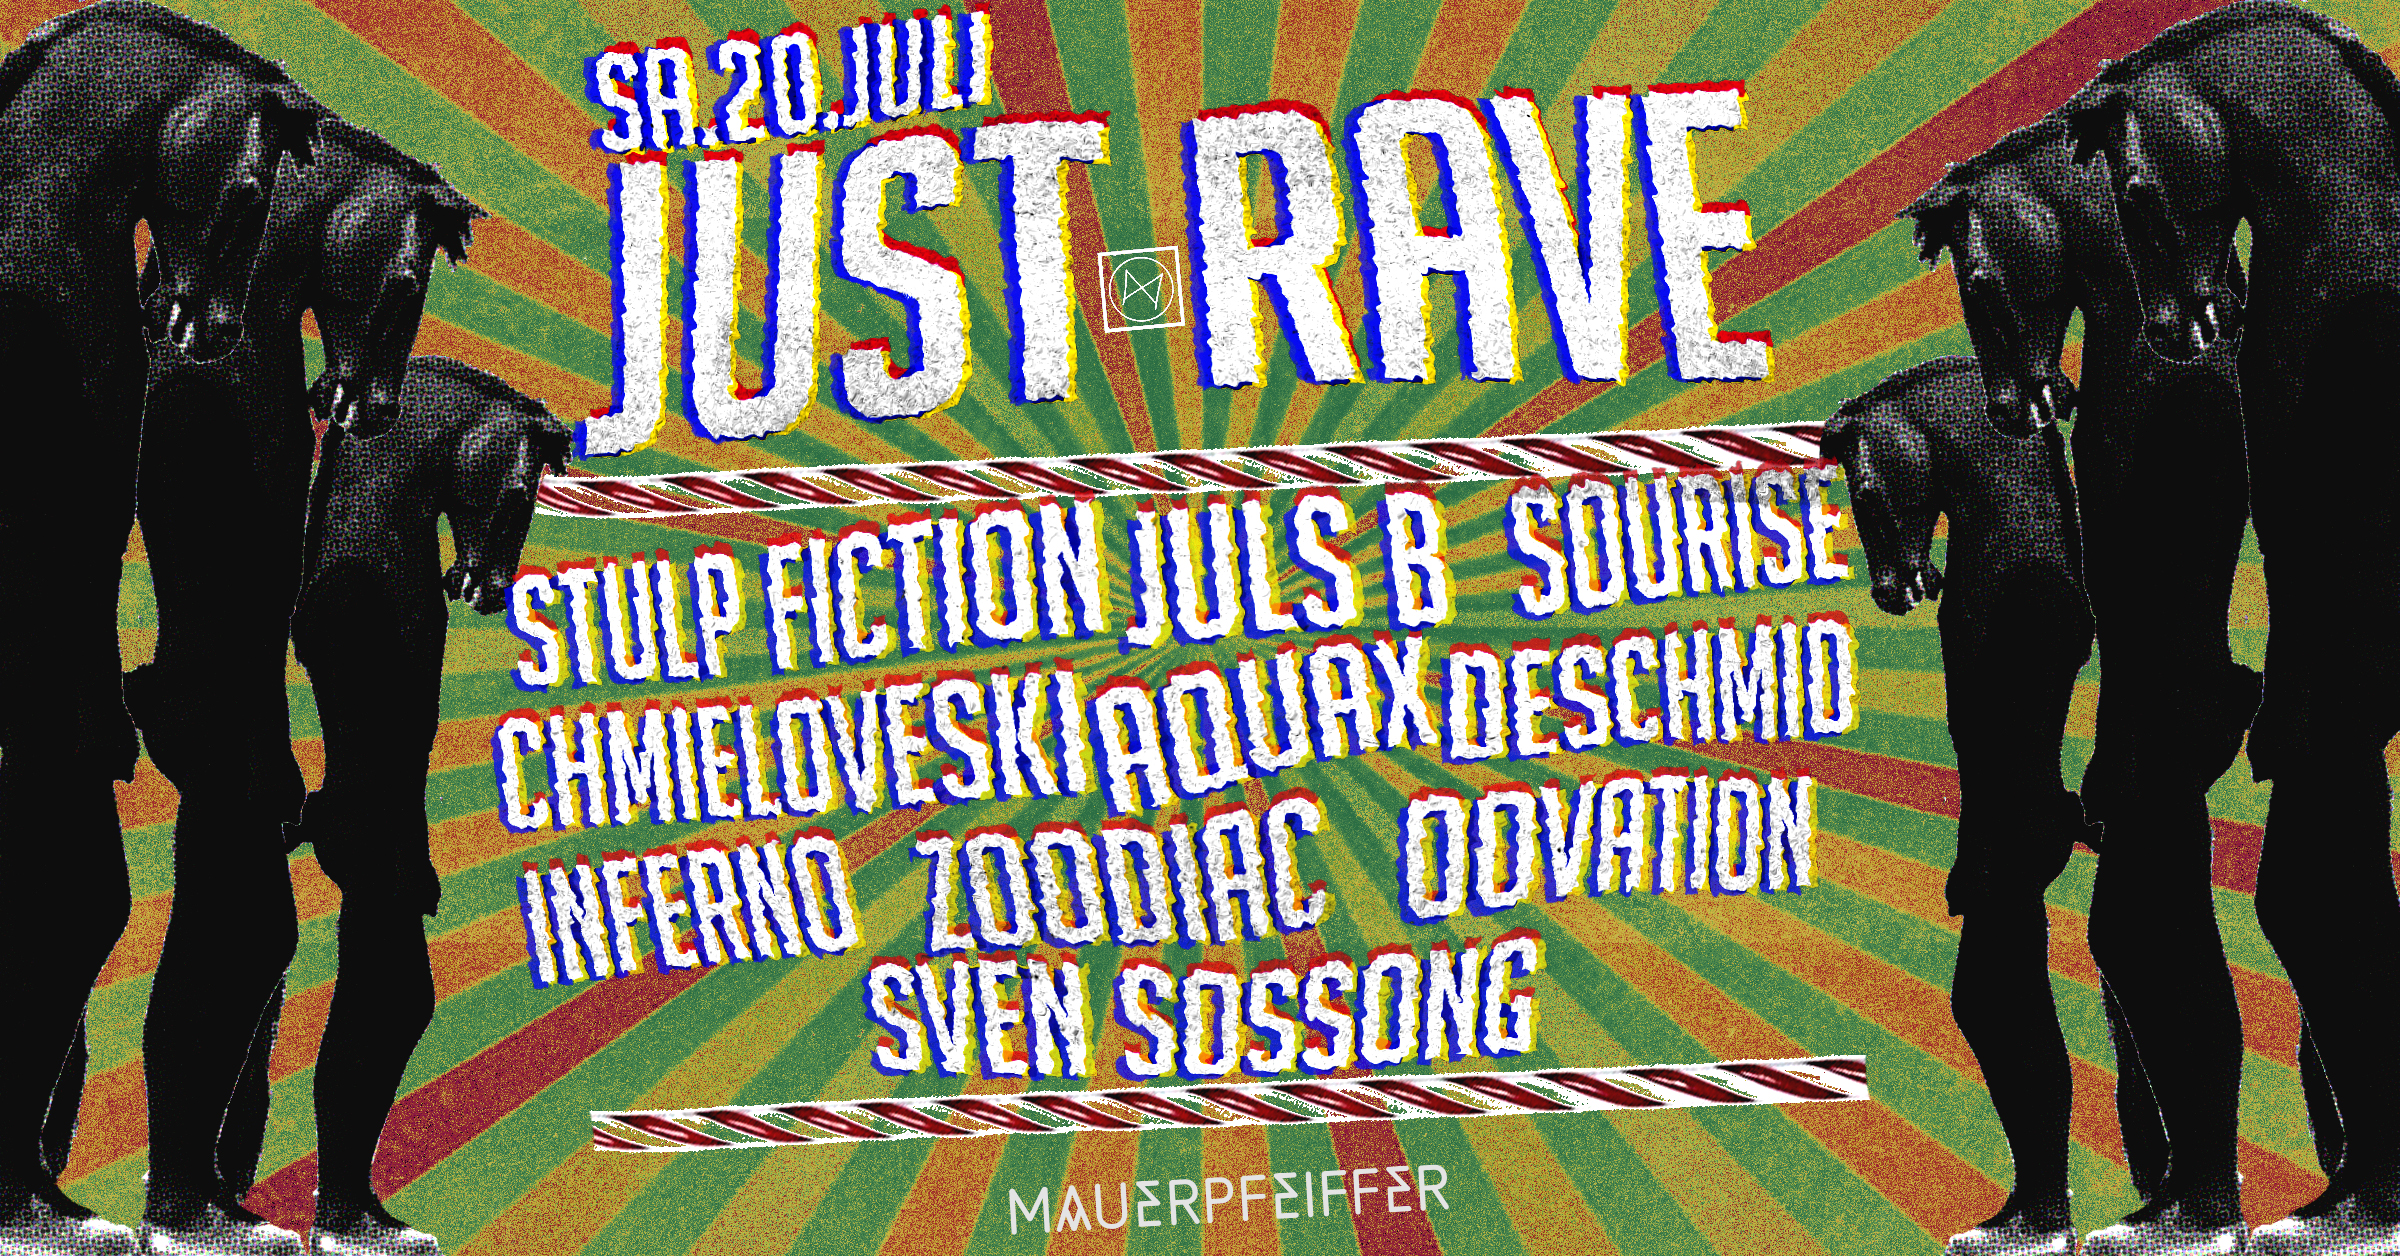 Just Rave! - Die Nacht im Wahn - all floors open